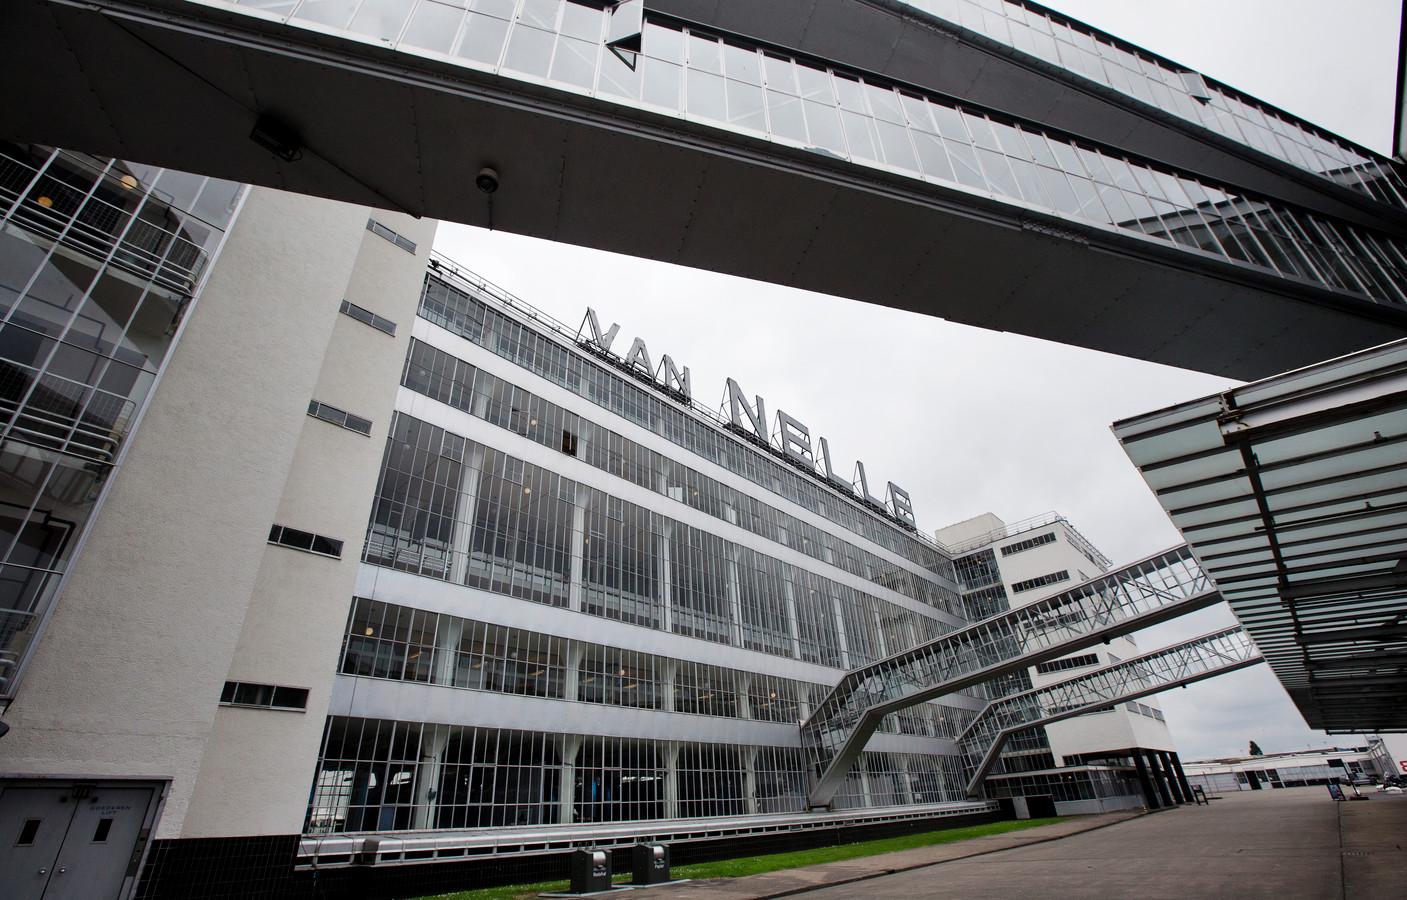 De stichting Werelderfgoed Van Nellefabriek eist 'onmiddellijke toegang' tot het beroemde pand.